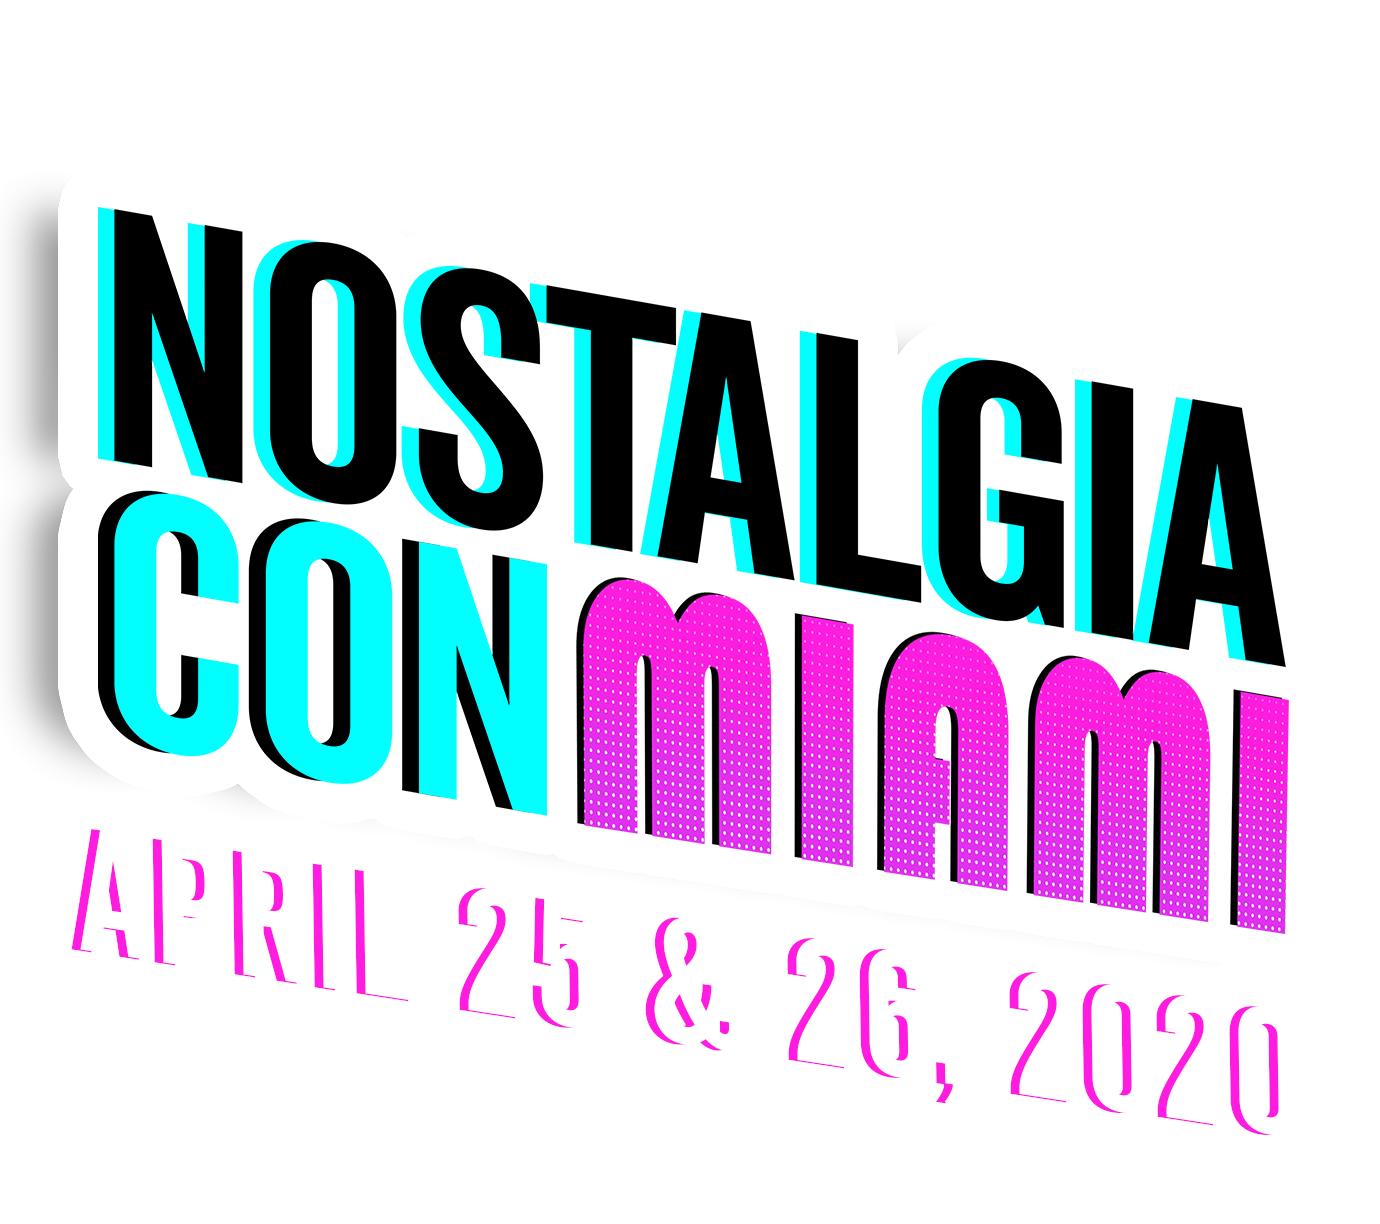 E! News rangiert auf der NostalgiaCon in Miami unter den Top 50 der Popkultur-Events, auf die man sich im Jahr 2020 freuen kann